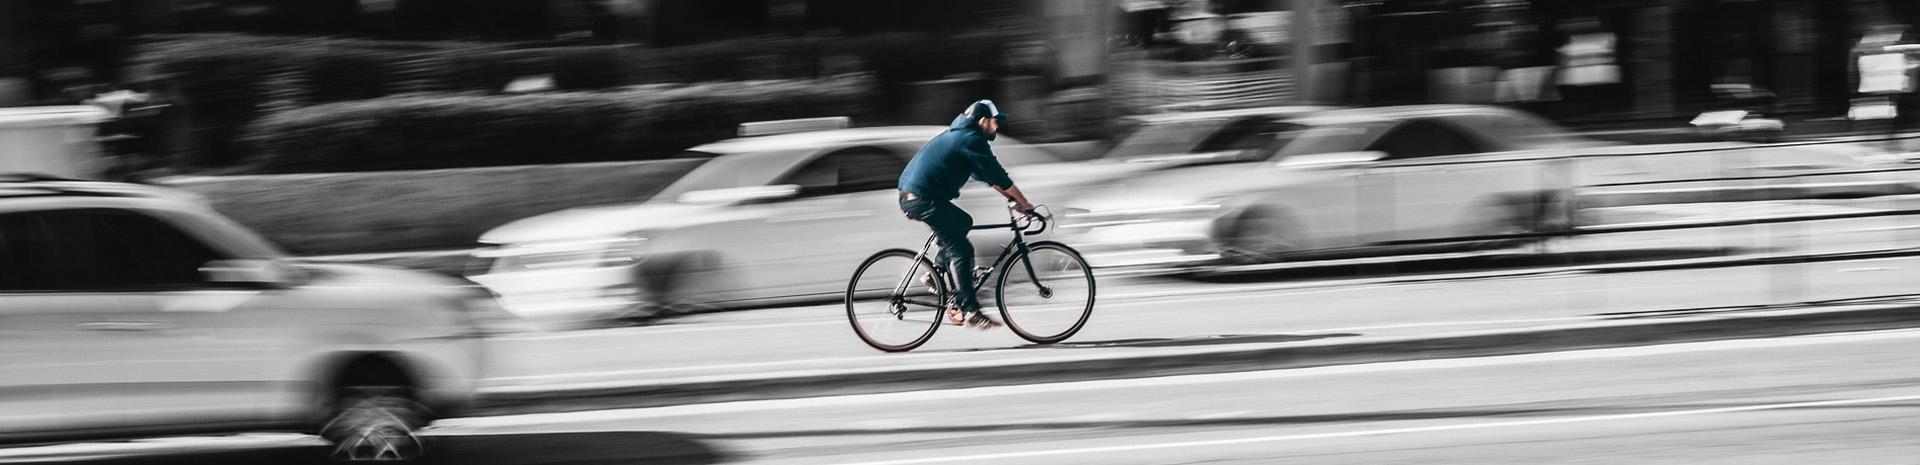 165 miljoen euro om verkeersongevallen te verminderen | LetselPro